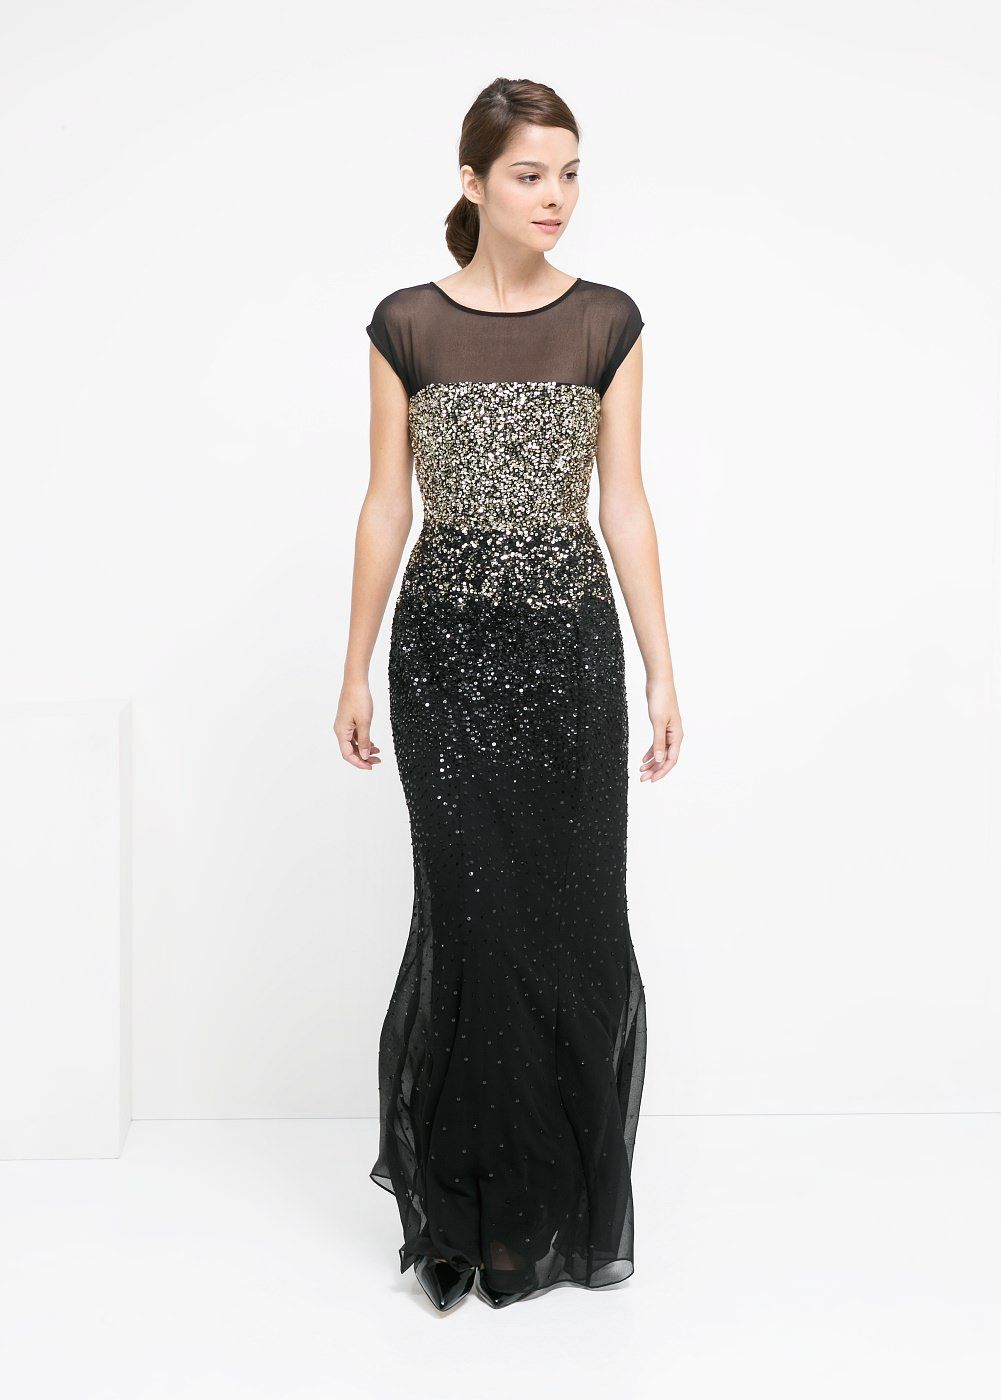 Langes kleid mit pailletten - Damen  Kleider, Pailletten kleid